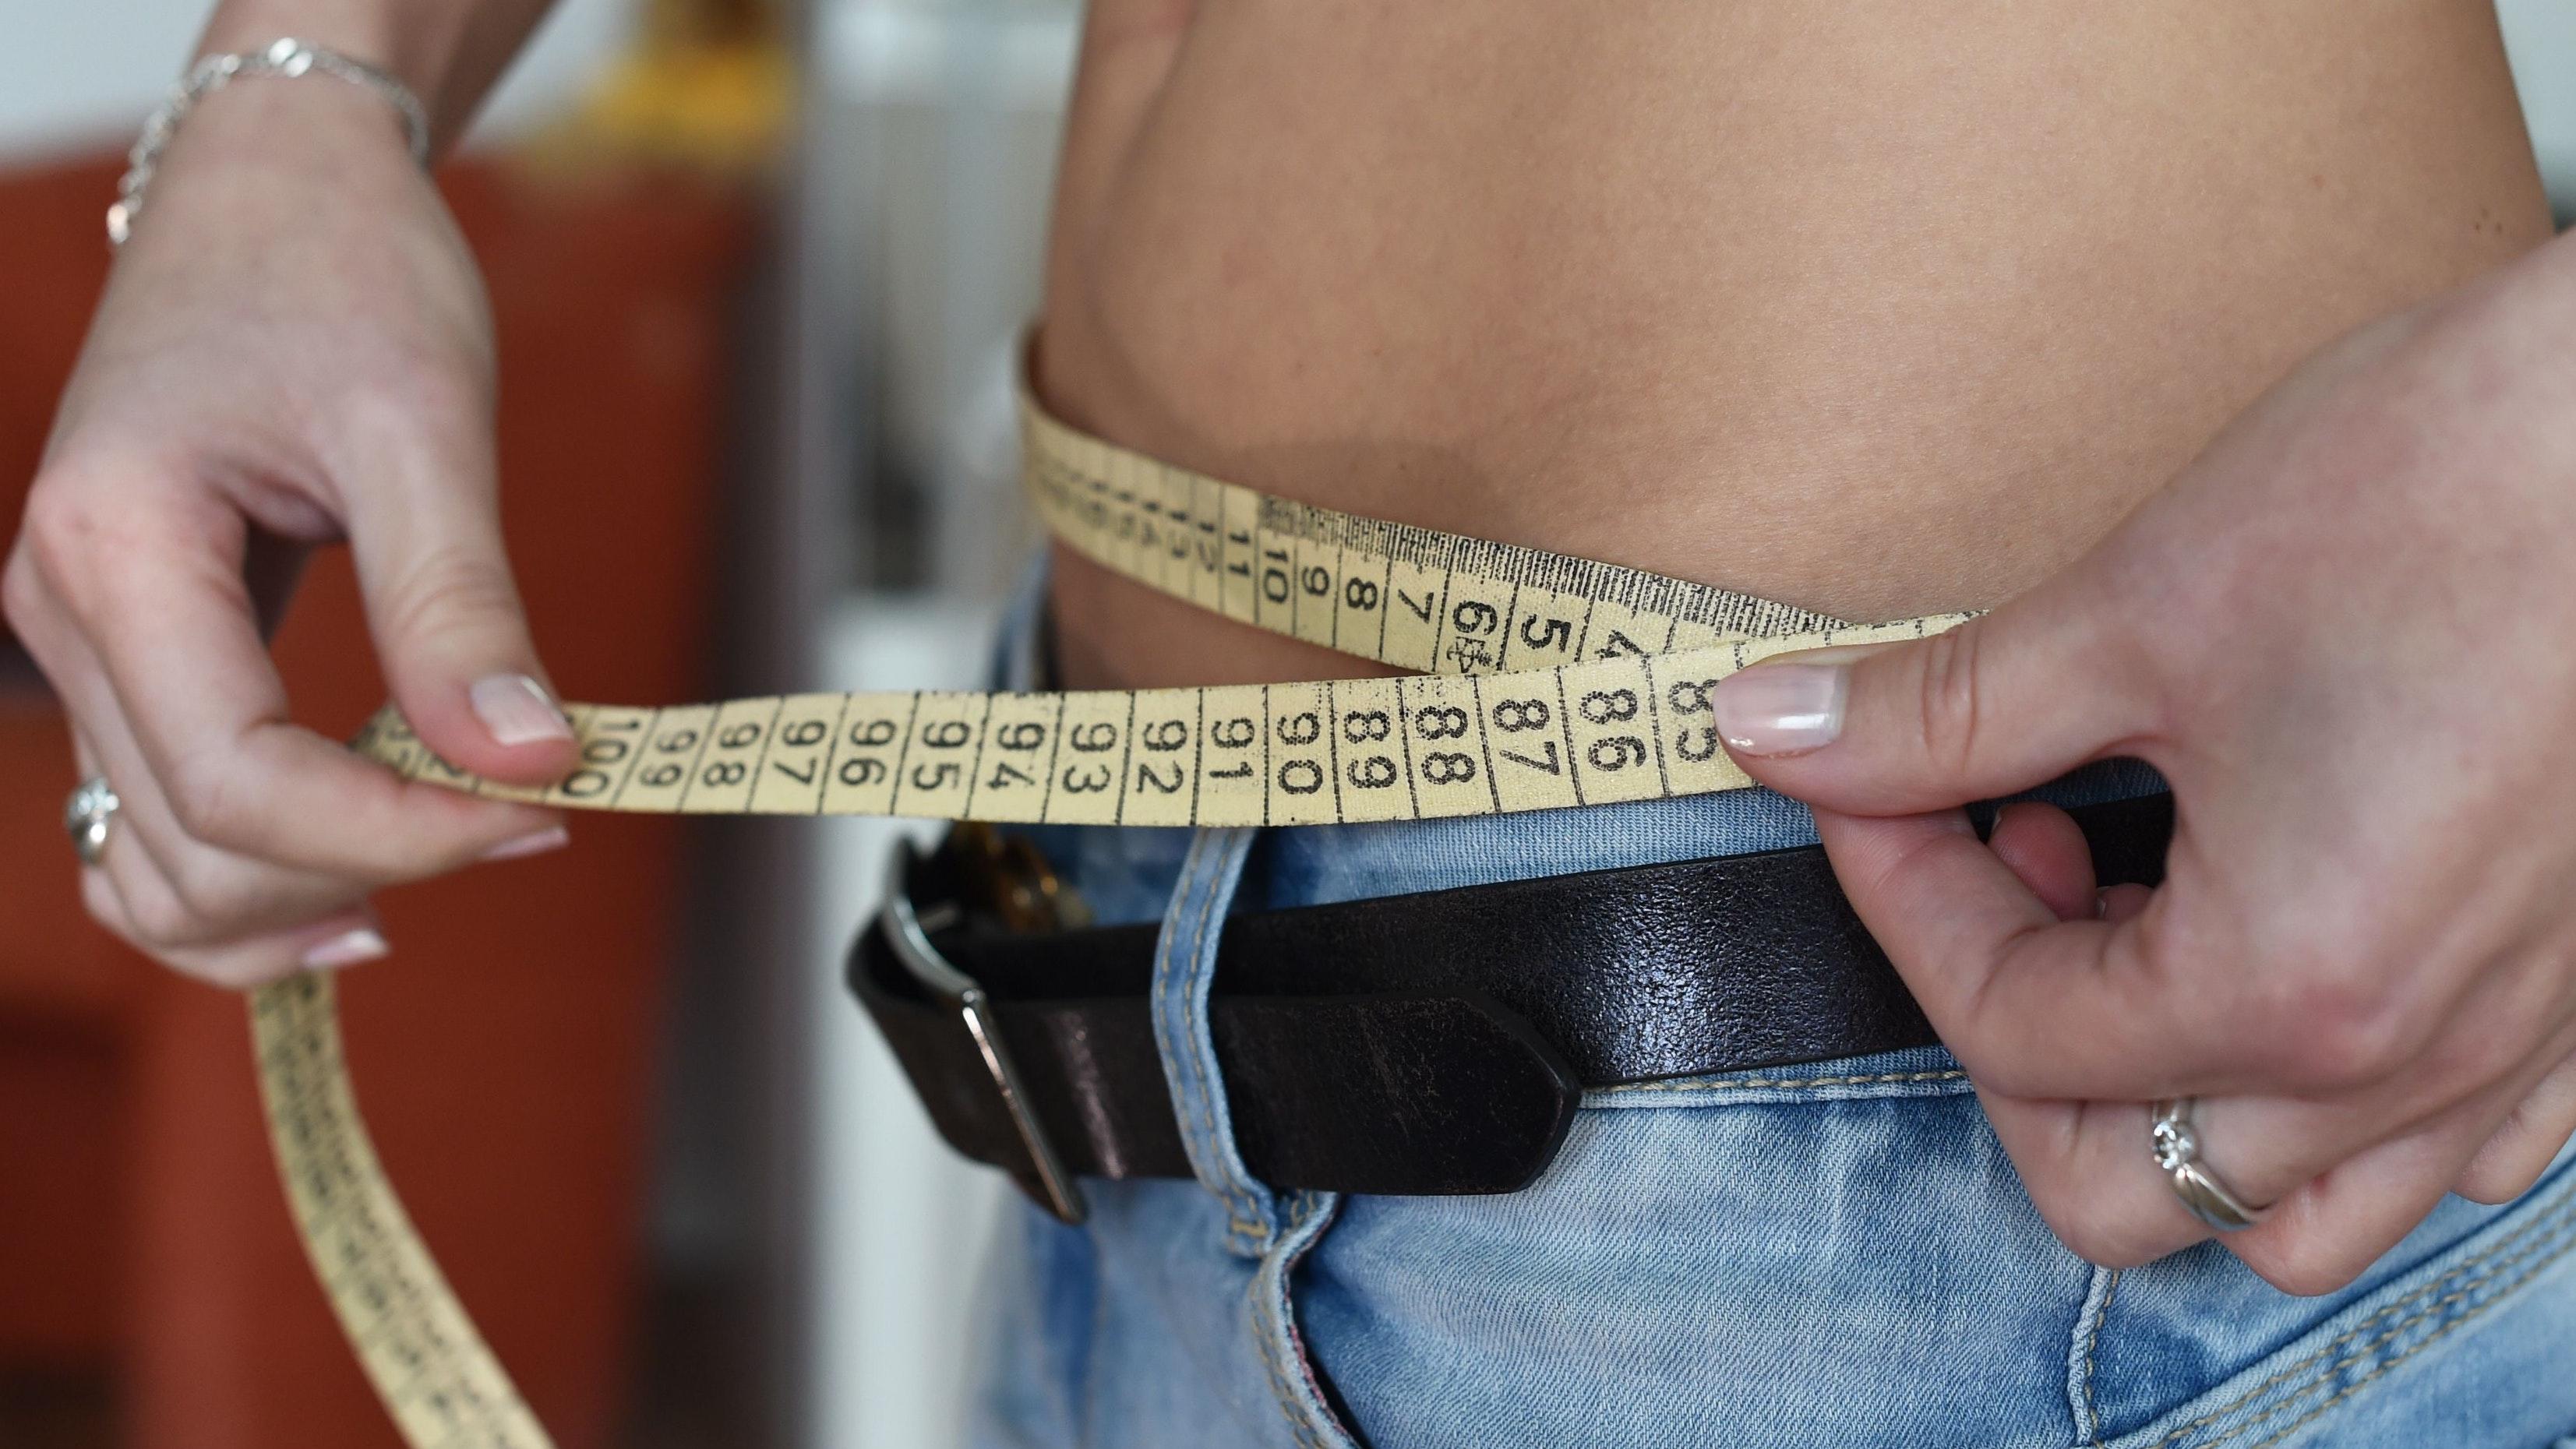 Gefährliches Schönheitsideal: Bei einer Magersucht wird das Thema Diät allgegenwärtig. Alles dreht sich um Kalorien, Essen und Gewicht. Symbolfoto: dpa/Kalaene